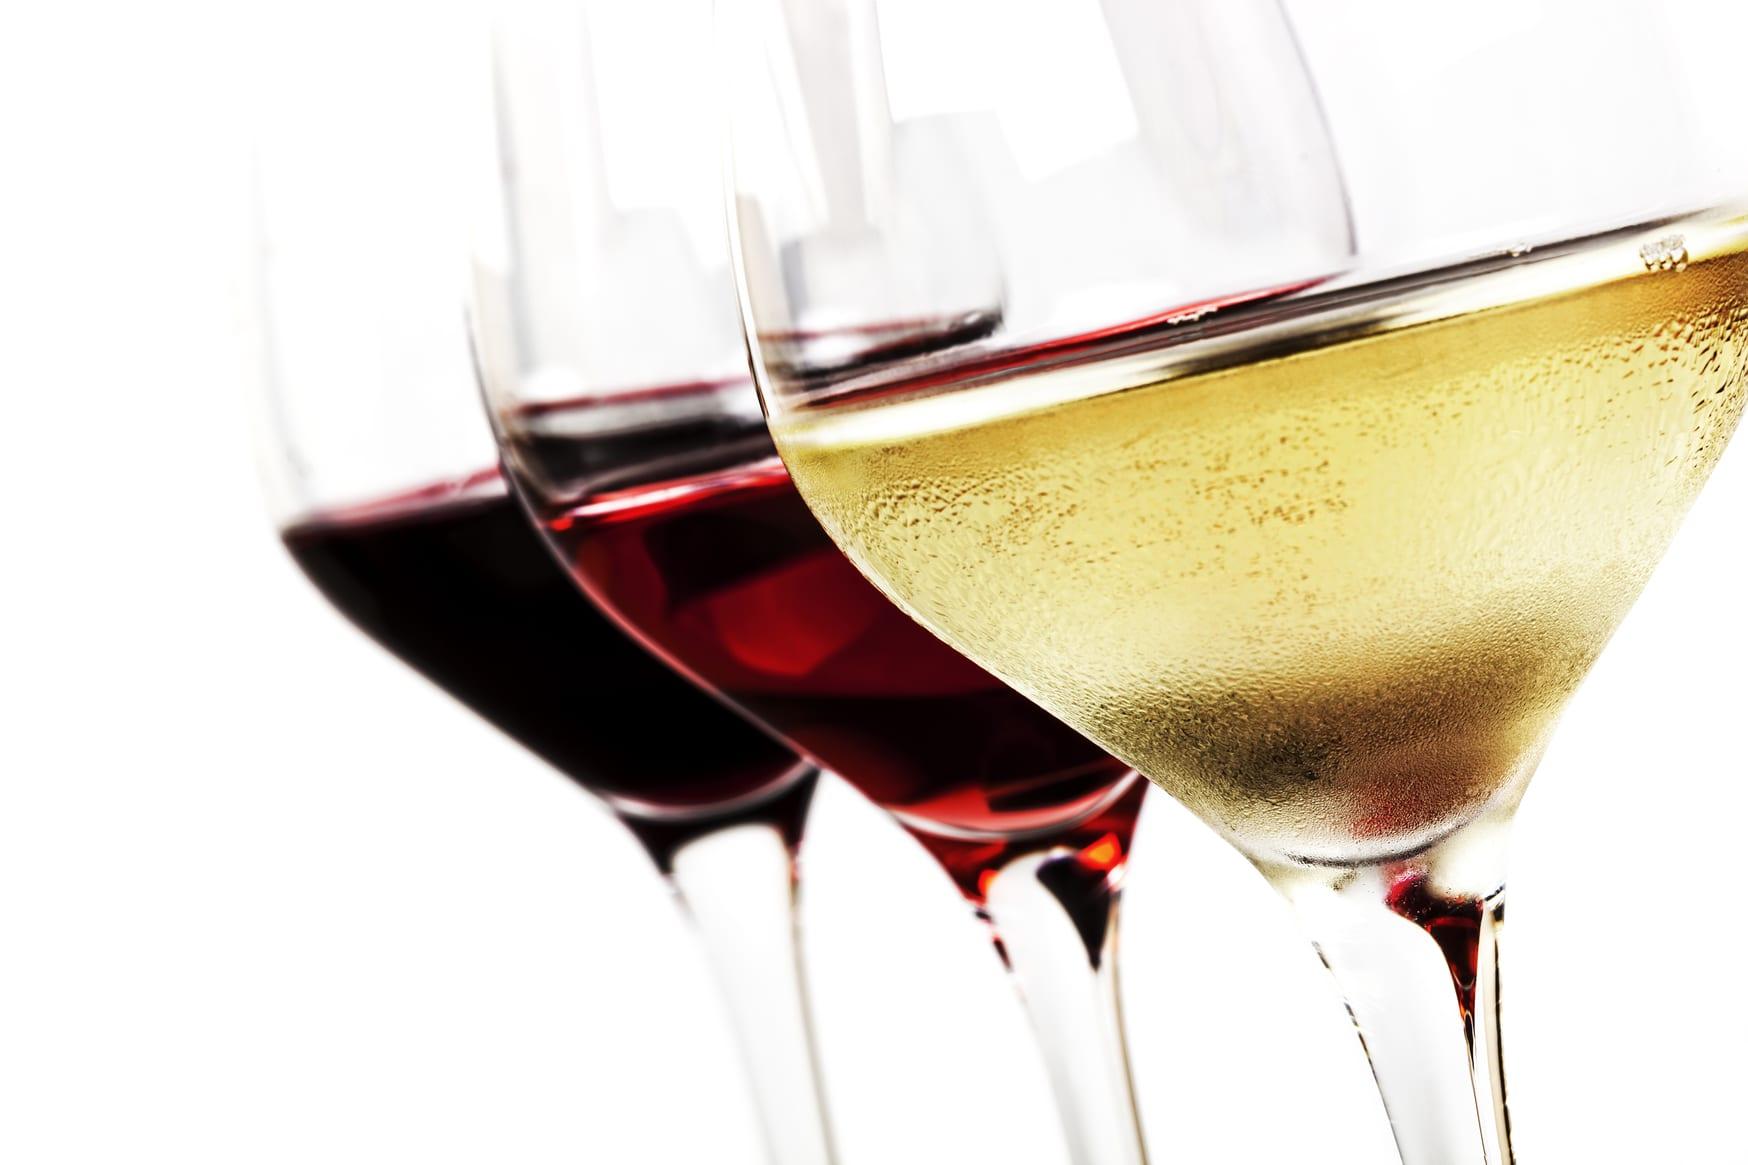 Pourquoi le vin blanc est-il souvent moins cher que le vin